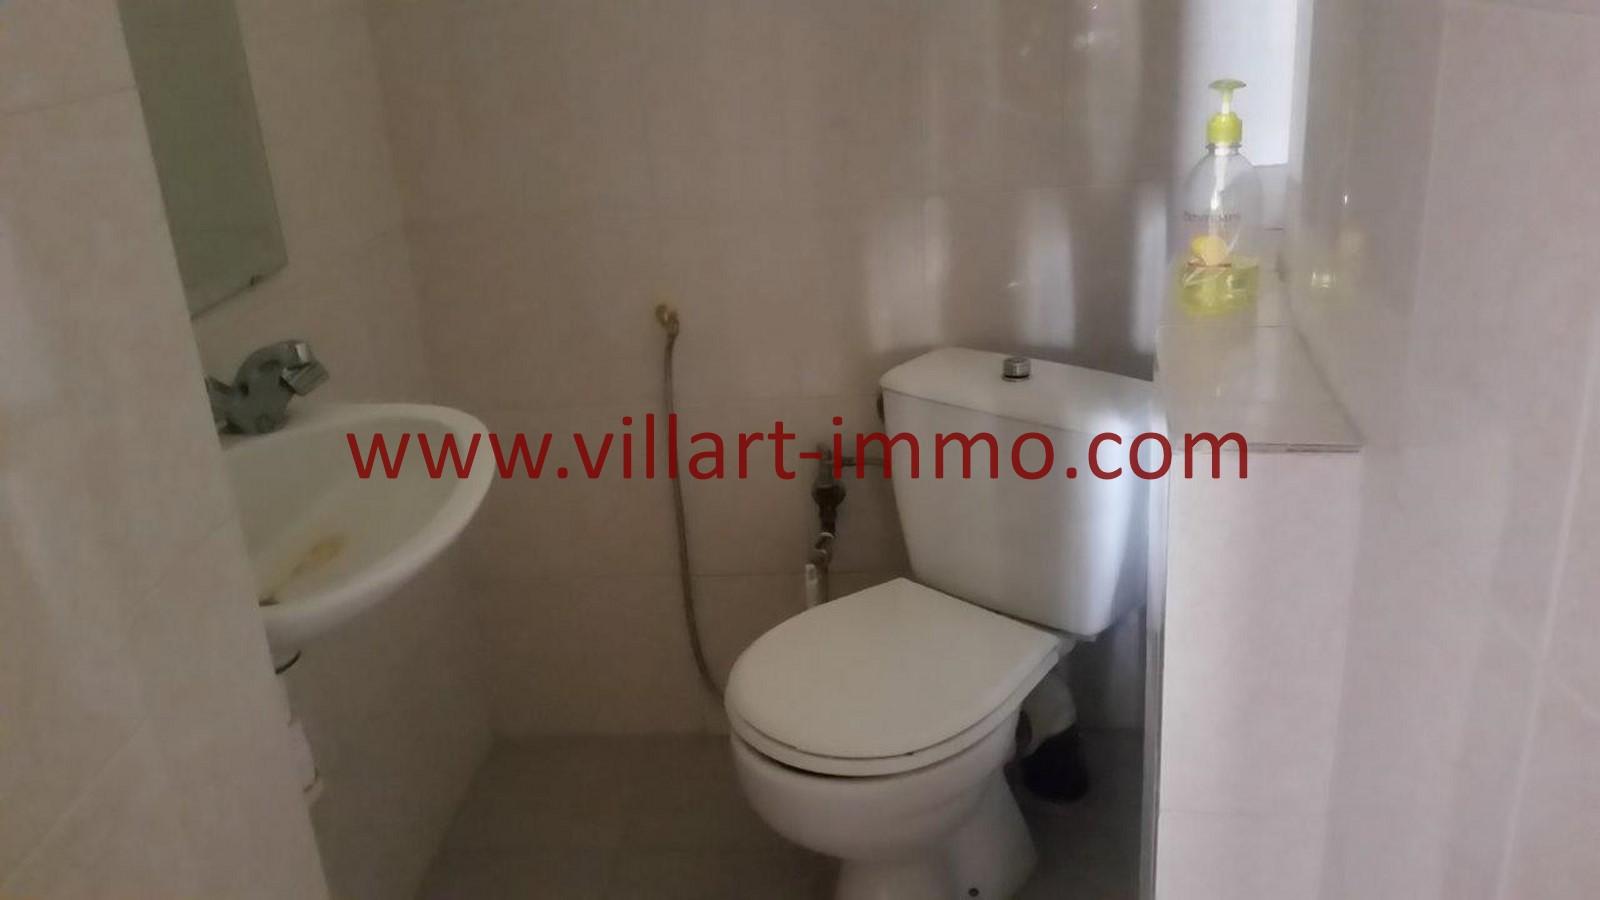 ... 8 Location Appartement Meublé Tanger Centre Ville Cabinet De Toilette  ...